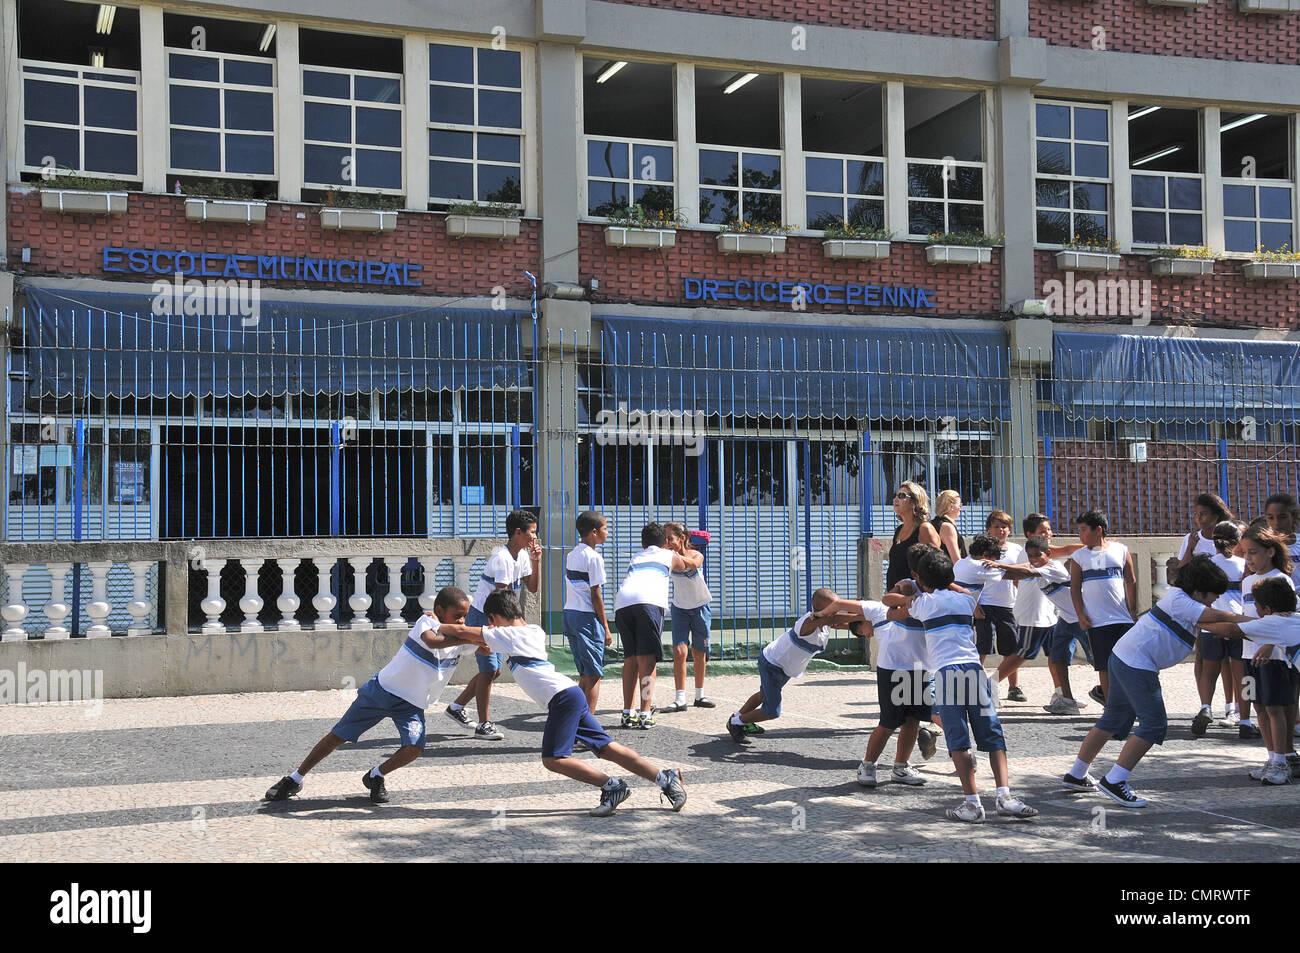 Scuola comunale dr renna cicero avenue atlantica Copacabana di Rio de Janeiro in Brasile Immagini Stock